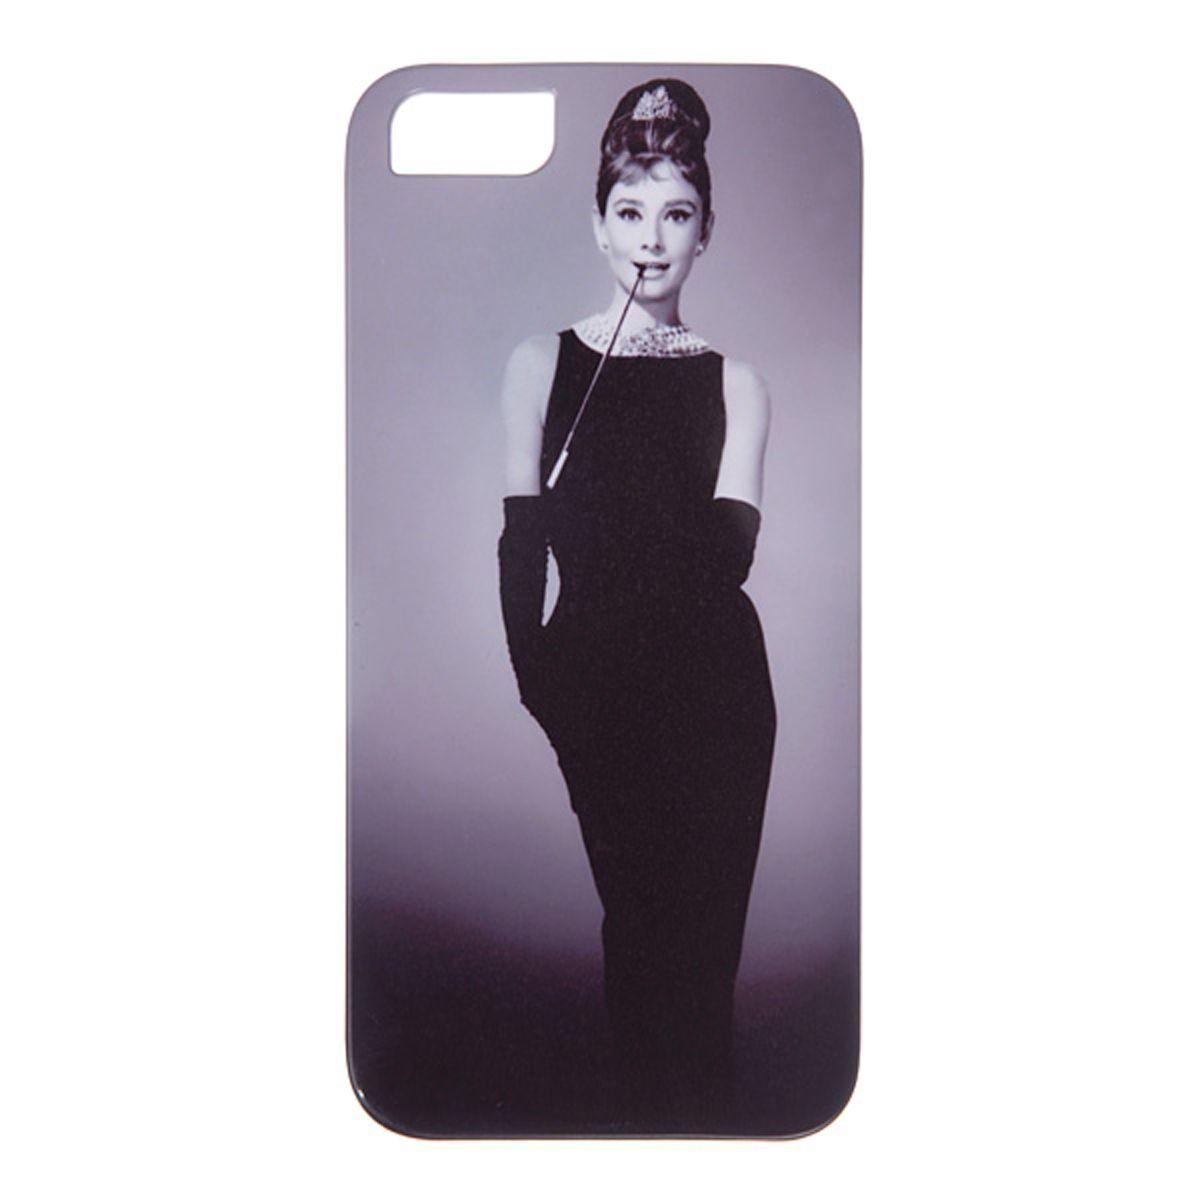 Mitya Veselkov Одри в черном платье чехол для Apple iPhone 5/5sIP5.МITYA-002Превосходный чехол для Apple iPhone 5 - для любителей заметных аксессуаров. Накладка придаст Вашему телефону индивидуальность и послужит прекрасной защитой от ударов и царапин.